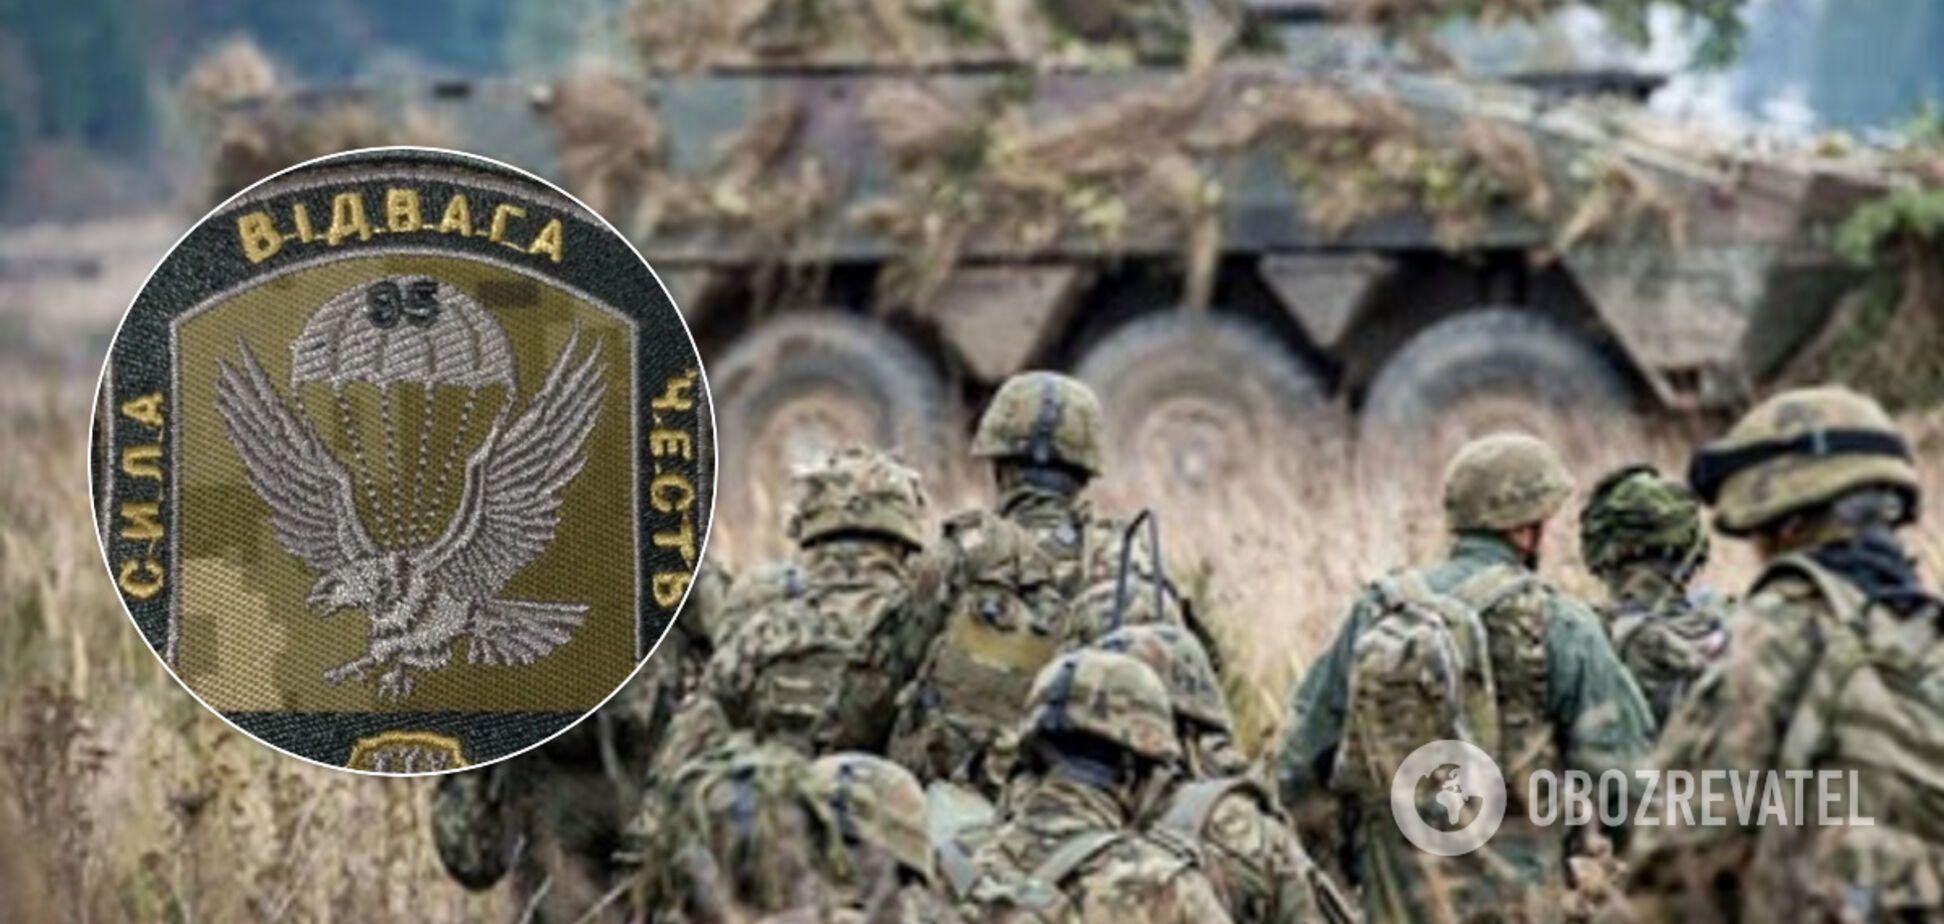 На Херсонщине нашли тело военного со следами стрельбы: названа причина гибели